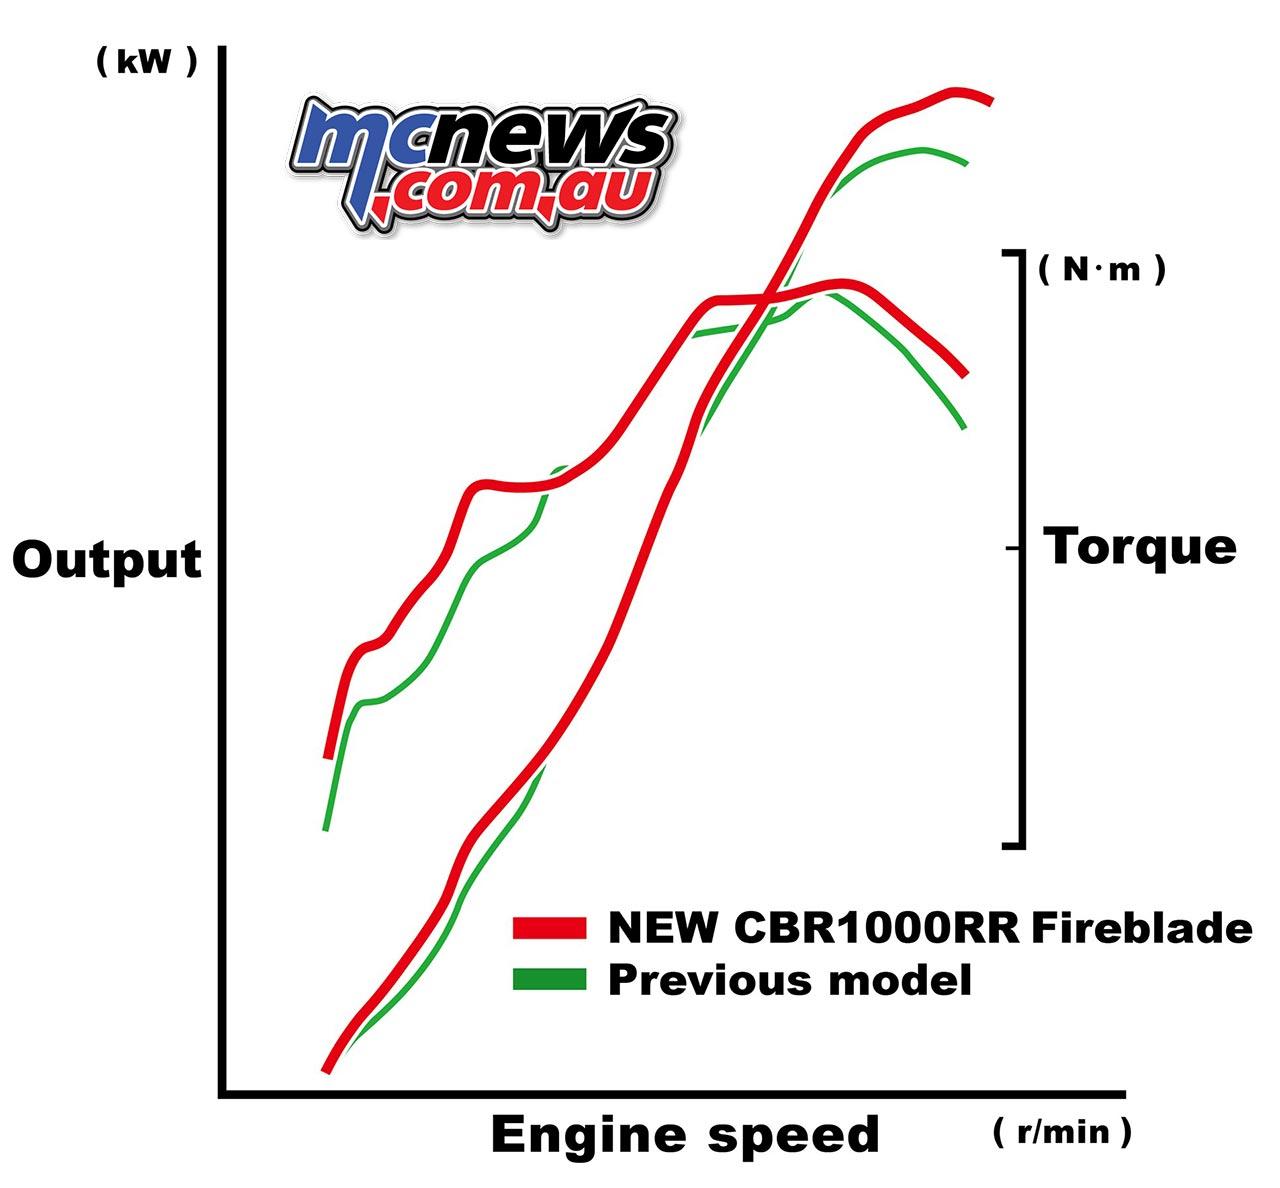 2017 Honda Cbr1000rr Fireblade Sp Mcnewsau. 2017 Honda Fireblade Sp. Honda. Honda Cbr 1000rr Engine Diagram At Scoala.co